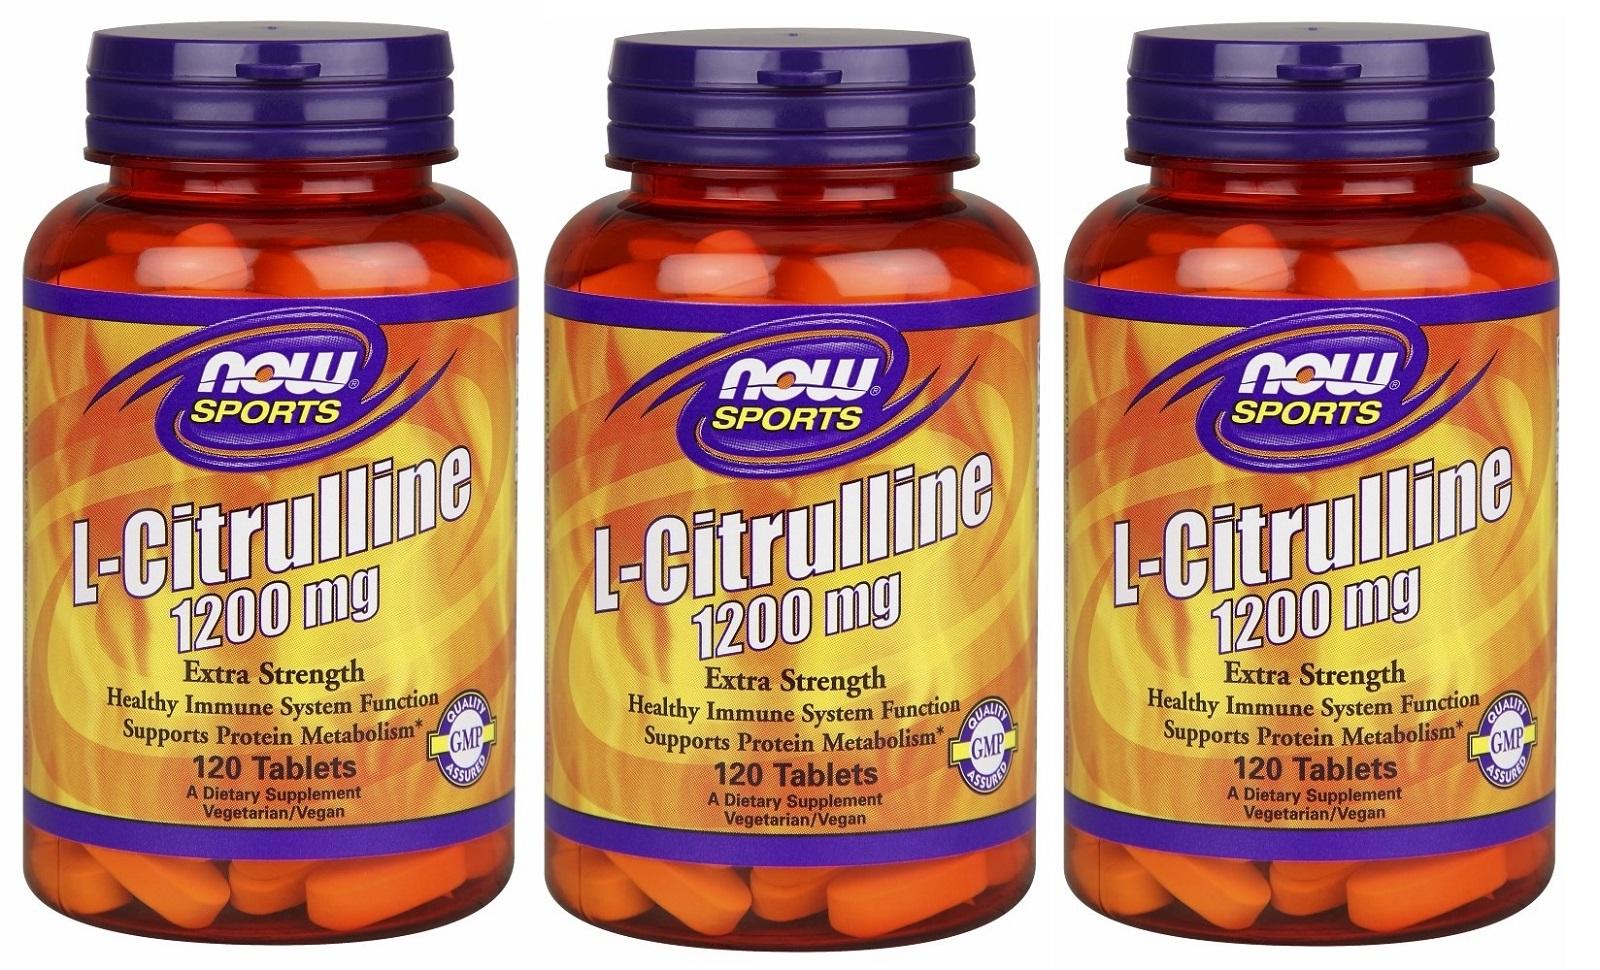 3本セット ナウスポーツ L-シトルリン エキストラストレングス 1200mg 120粒 ( NOW FOODS L-Citrulline 1200 mg 120 tabs)